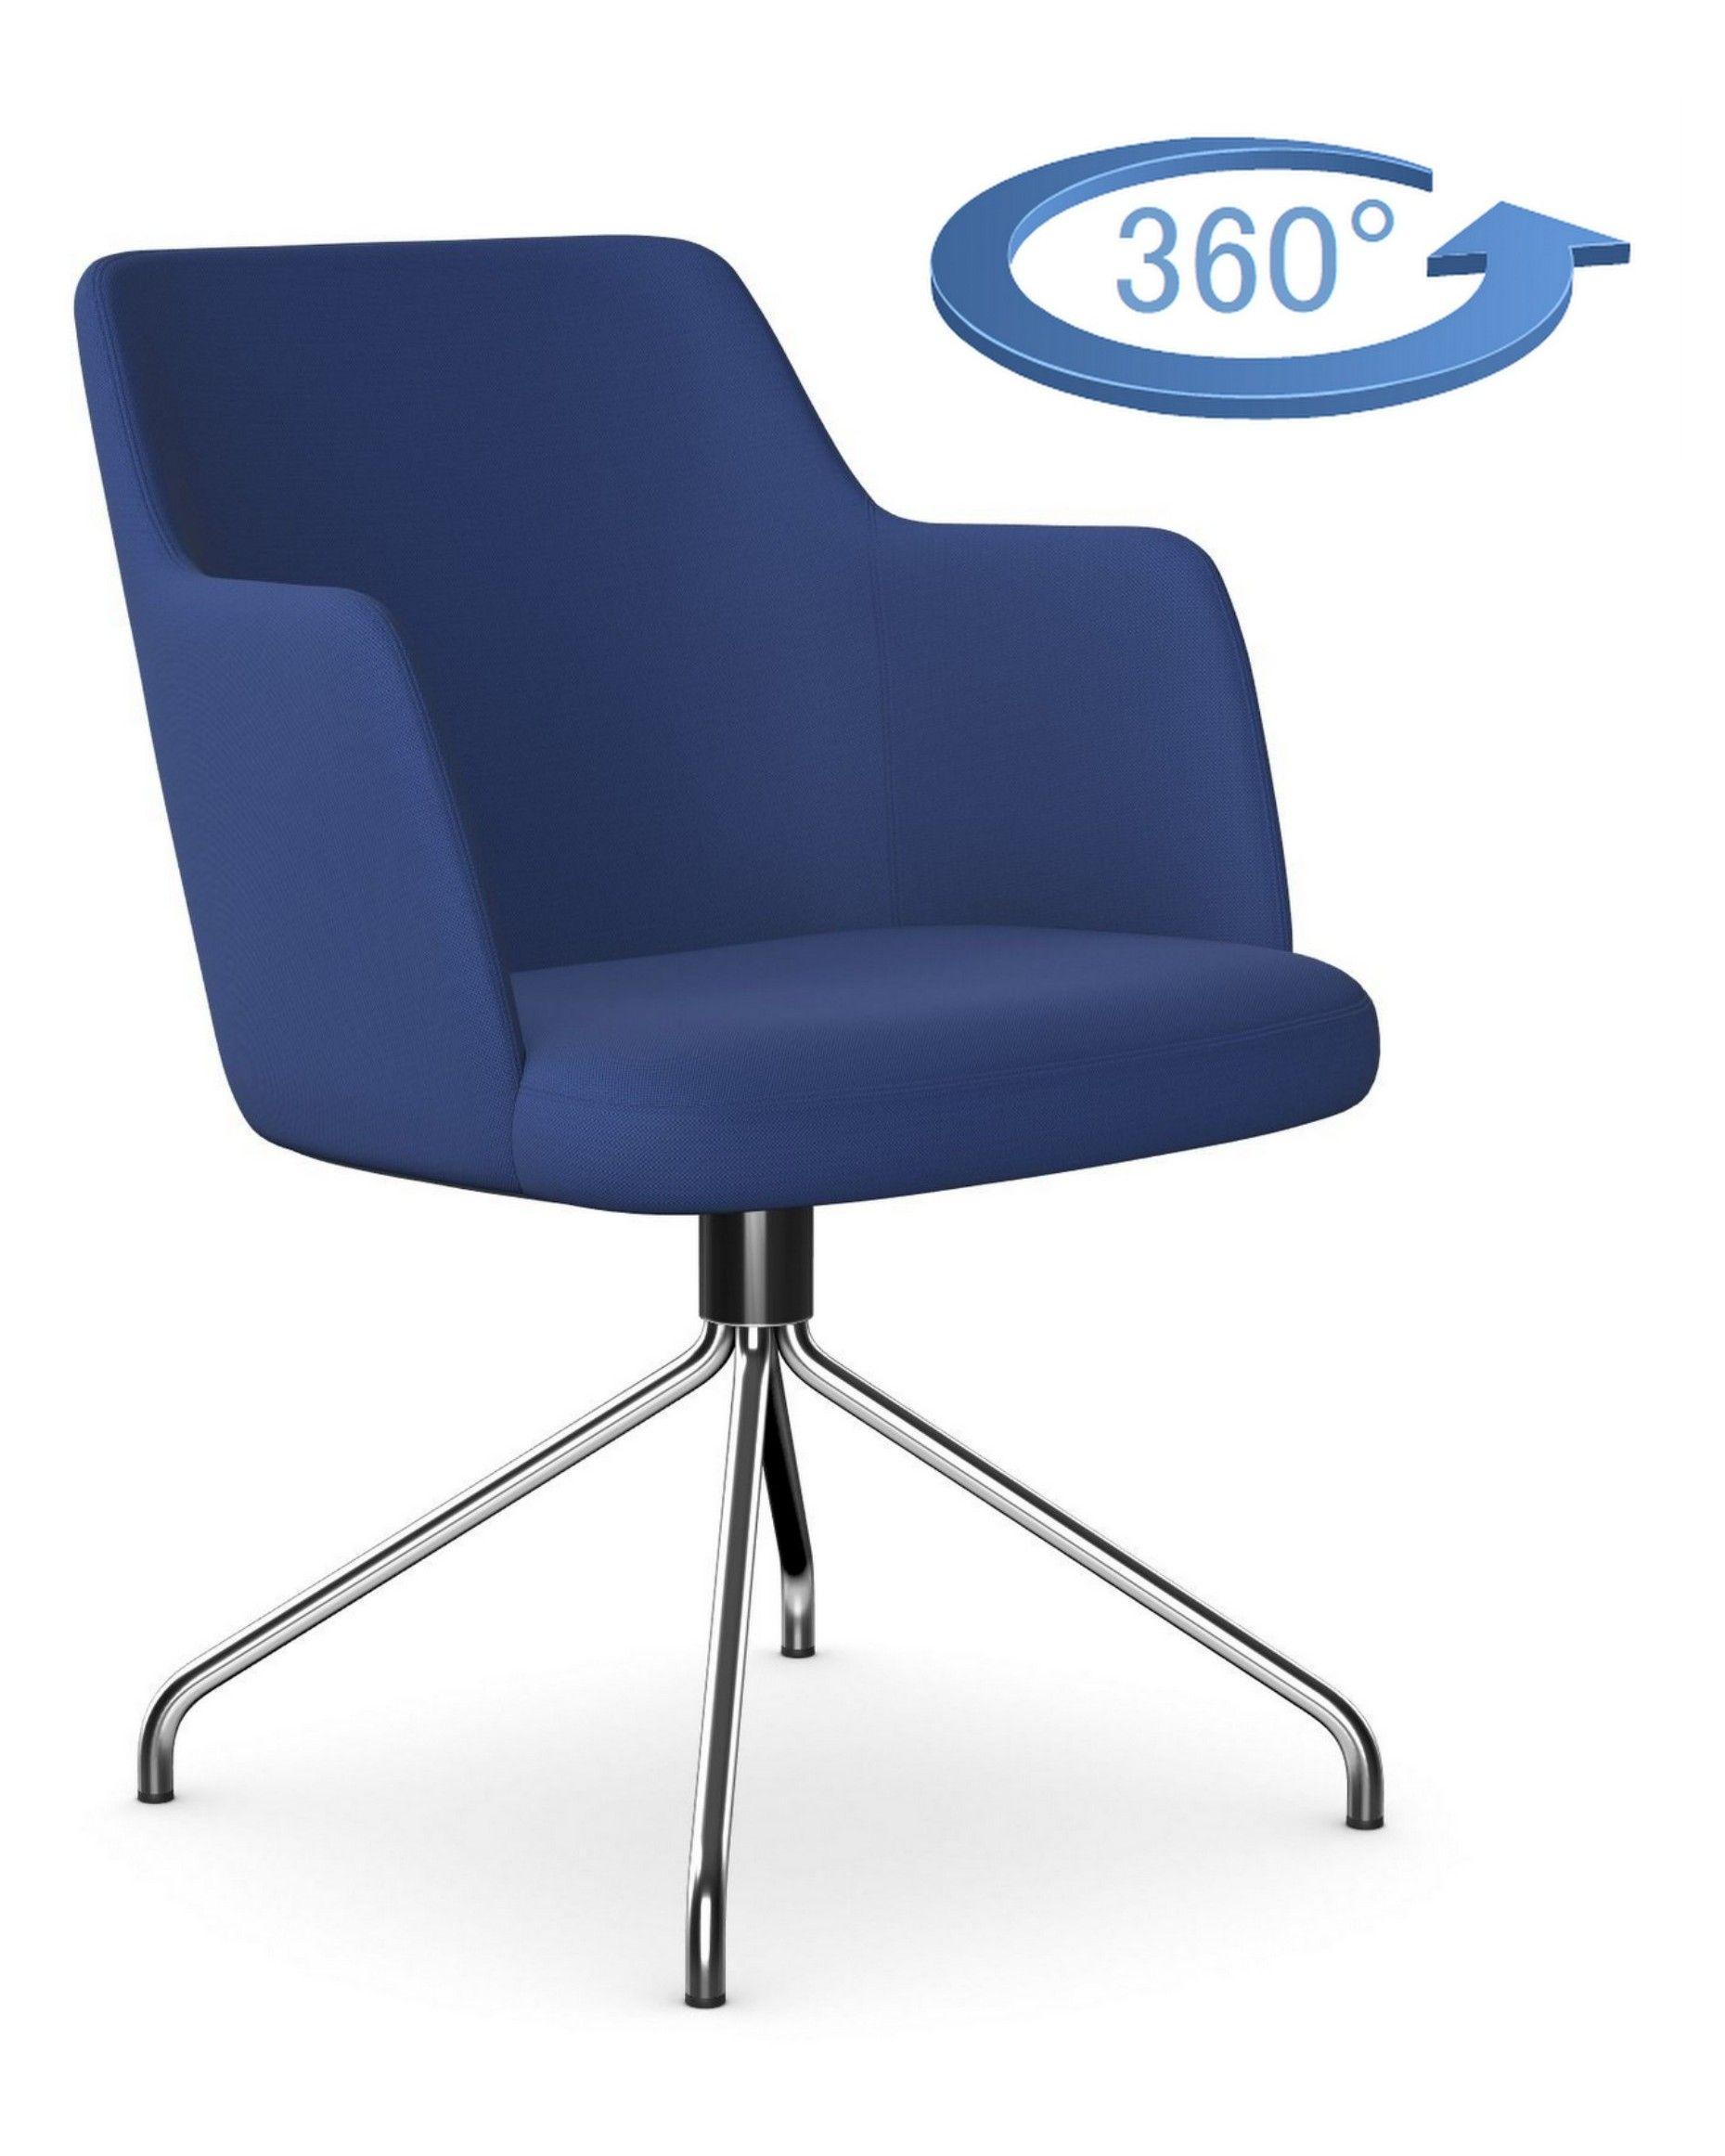 Krzesło NOMA 373- obrotowe/z podłokietnikami różne kolory